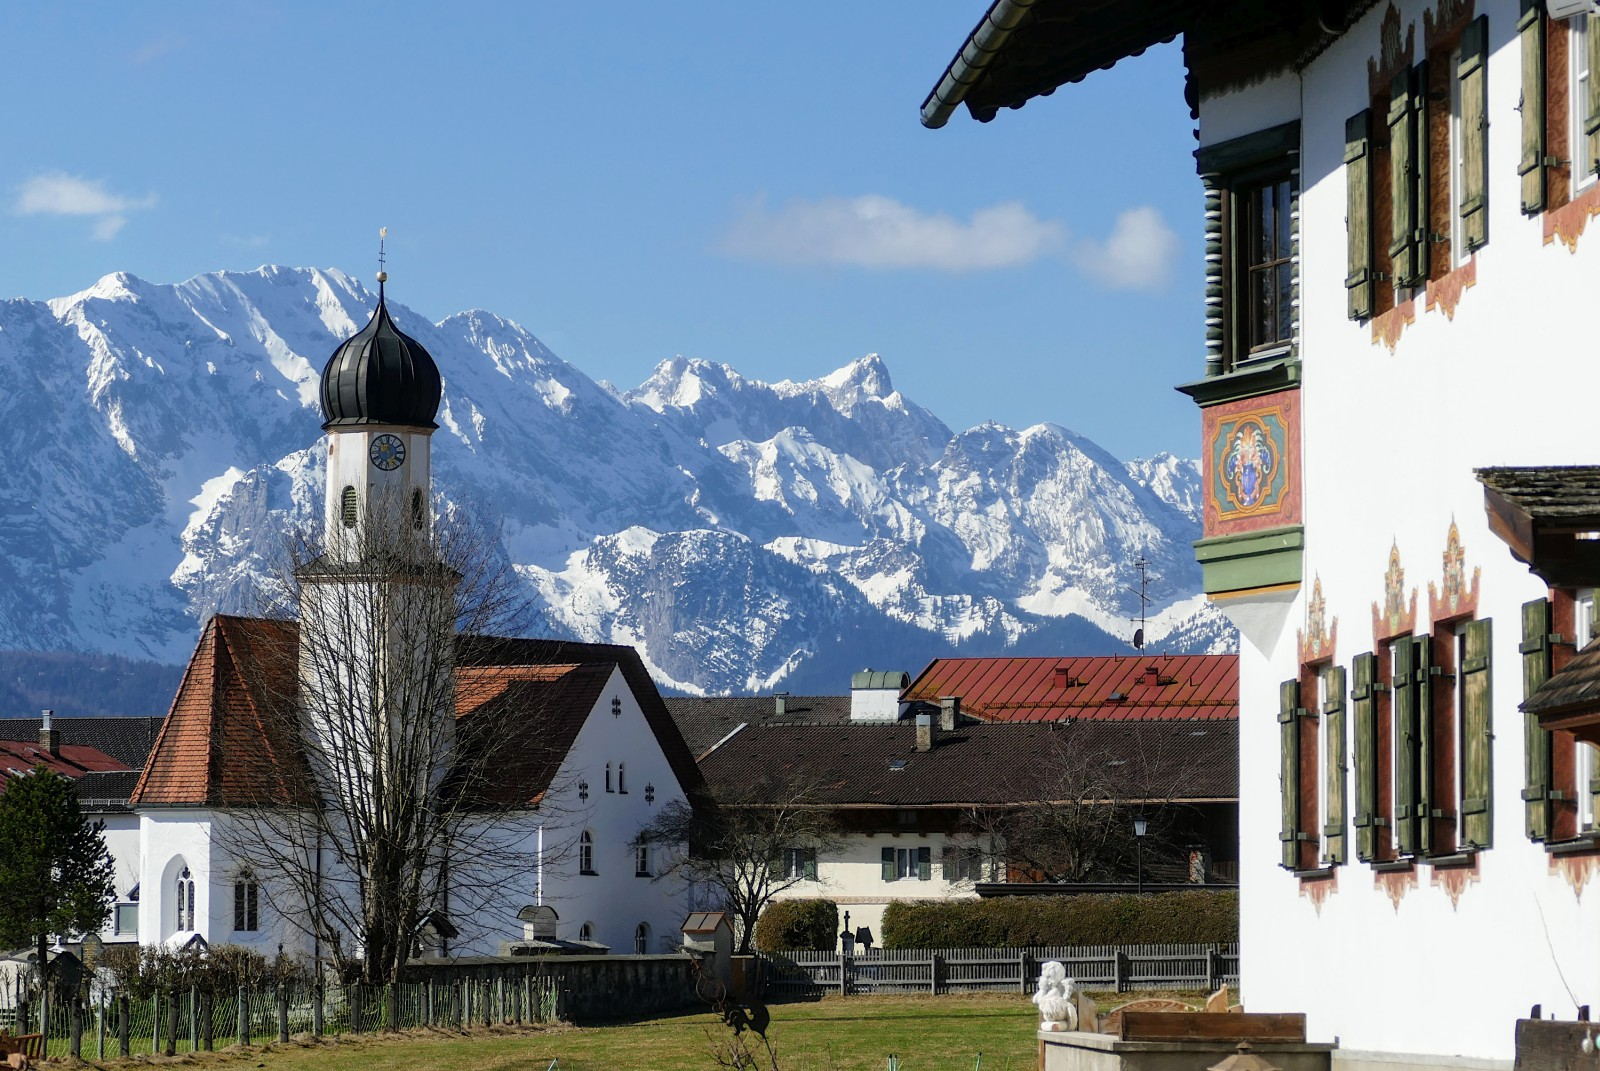 162-Kiche-vor-Wettersteingebirge-P1130805